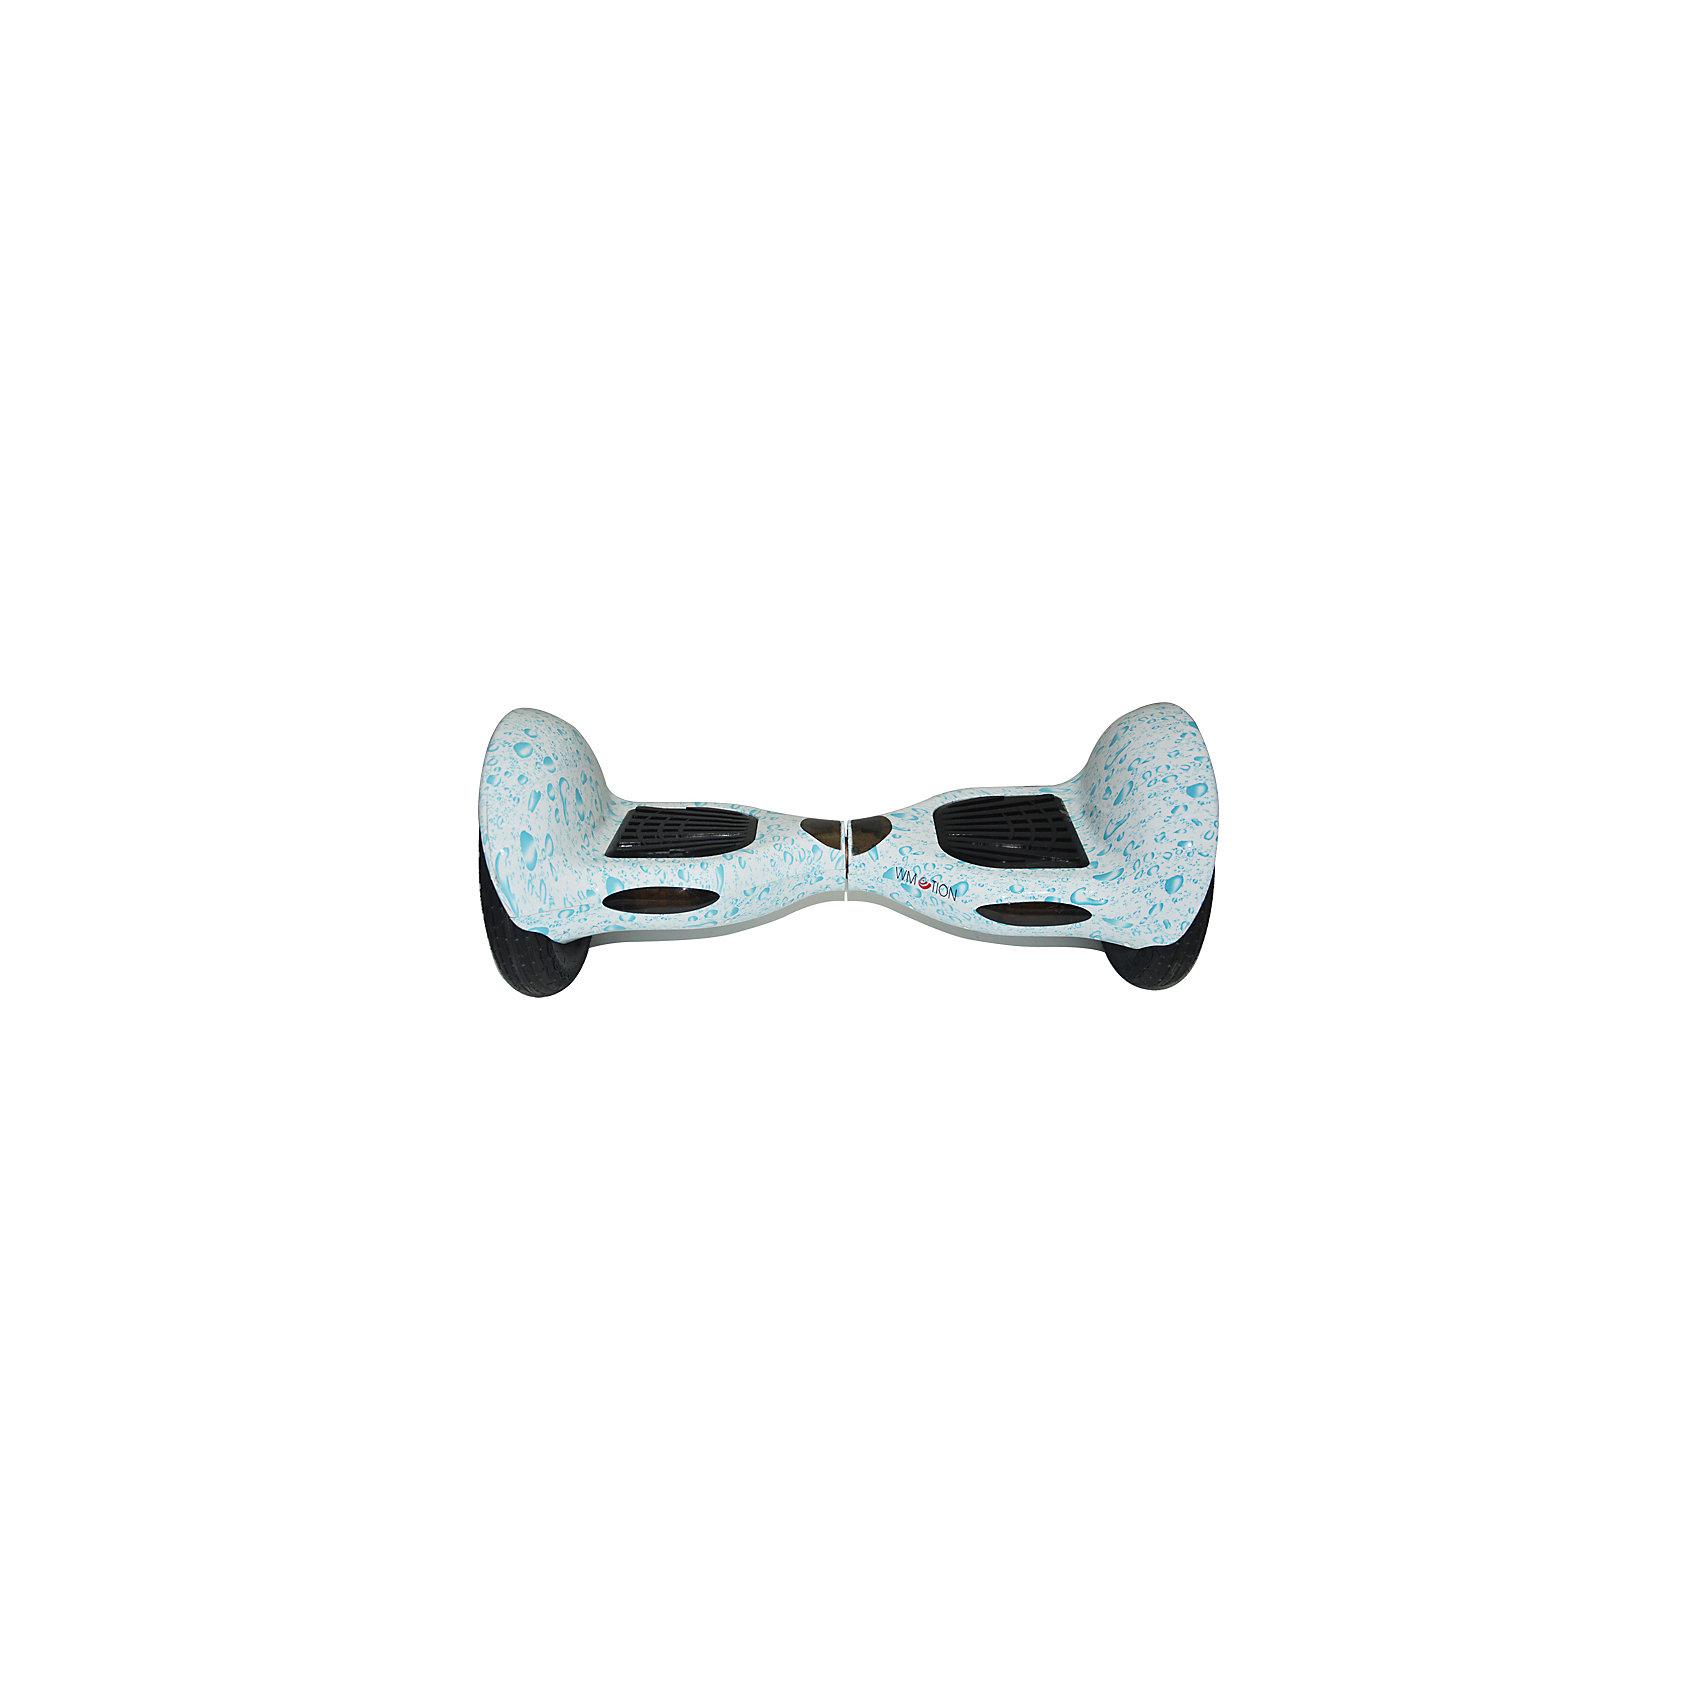 Гироскутер, капли, WMOTIONХарактеристики товара:<br><br>• материал: металл<br>• размер: 66х27х27 см<br>• комплектация: гироскутер, зарядка, сумка, инструкция по эксплуатации, гарантийный талон, коробка<br>• цвет: голубой<br>• диаметр колёс: 10 дюймов<br>• максимальная нагрузка: 125 кг<br>• максимальная скорость – 12 км/ч <br>• максимальное расстояние, которое можно проехать на одном заряде: до 25 км <br>• мощность электродвигателя: 350 Вт<br>• ёмкость аккумулятора: 4 400 мАч<br>• время, необходимое для полной зарядки аккумулятора: до 1,5 ч<br>• встроенная колонка<br>• вес: 15 кг<br>• страна производитель: Китай<br>• страна бренда: Китай<br><br>Один из самых модных на настоящий моментов вид передвижения - это гироскутер. Он эффектно выглядит, позволяет ехать со скоростью выше, чем у пешеходов, но при этом достаточно безопасной для владельца. Управлять таким средством передвижения достаточно просто: нужно всего лишь переносить вес тела в определенное направление.<br><br>Такой гироскутер достаточно быстро заряжается, он не много весит. Модель уже пользуется популярностью в западных странах. Она действительно стильно выглядит, особенно в темноте с подсветкой, и позволяет выполнять эффектные трюки! Эта модель также имеет встроенные колонки, с помощью которых можно слушать музыку.<br><br>Гироскутер, капли, от популярного бренда WMOTION можно купить в нашем интернет-магазине.<br><br>Ширина мм: 270<br>Глубина мм: 270<br>Высота мм: 660<br>Вес г: 12000<br>Возраст от месяцев: 60<br>Возраст до месяцев: 192<br>Пол: Унисекс<br>Возраст: Детский<br>SKU: 5482391